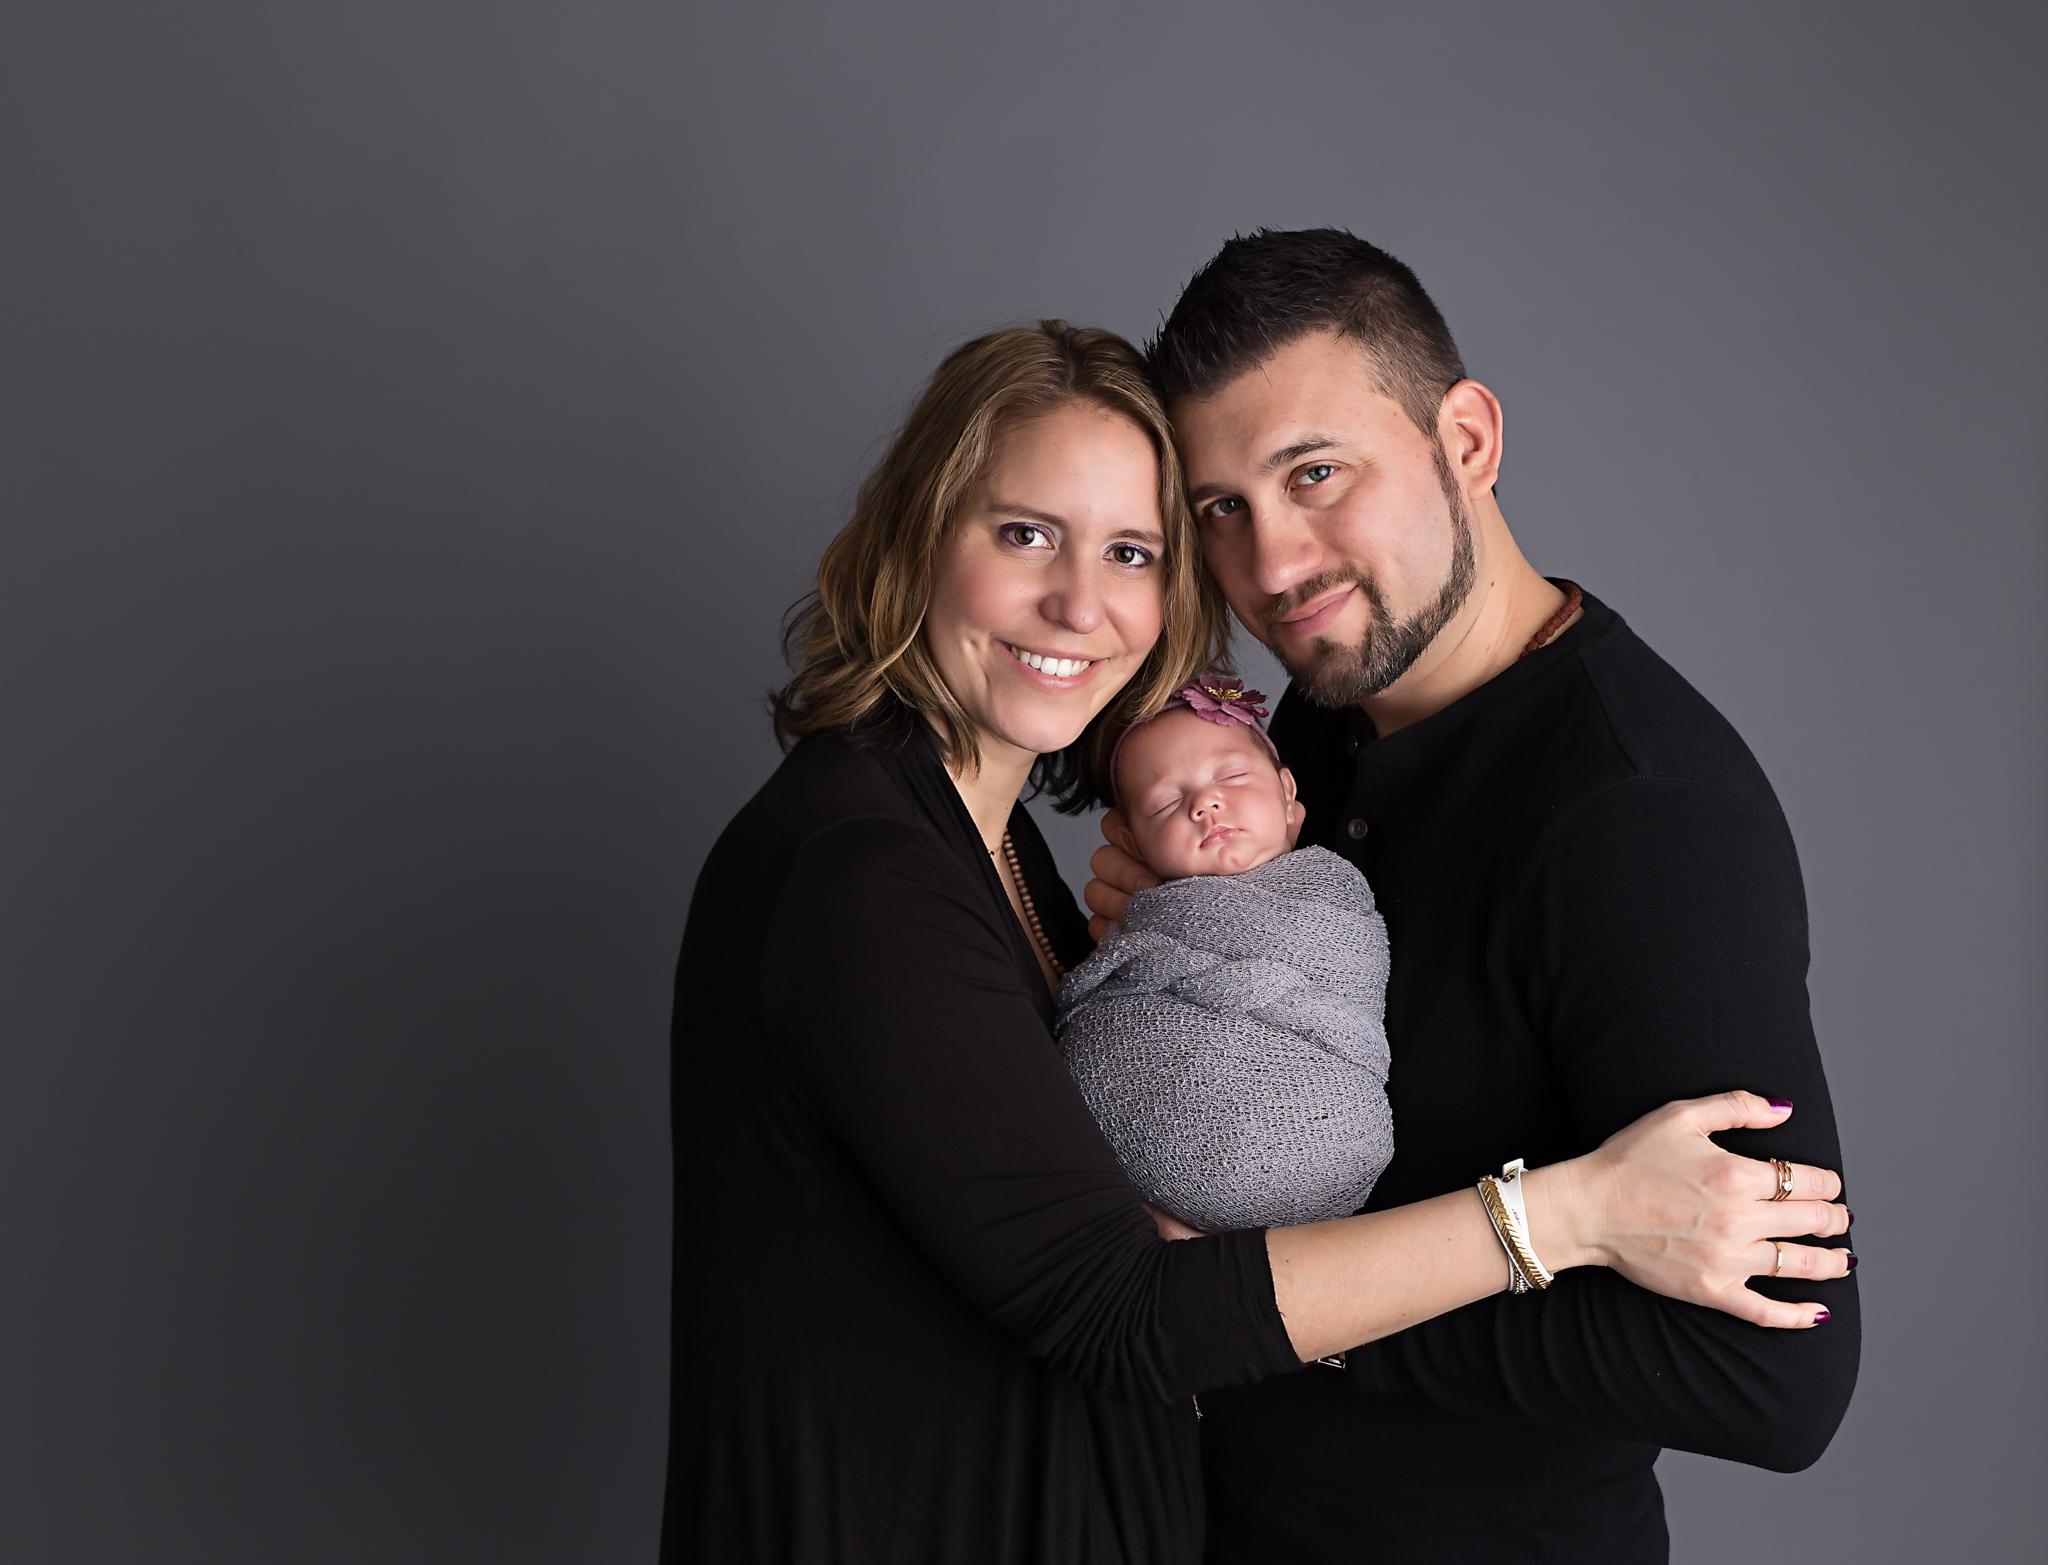 Family and Newborn photo